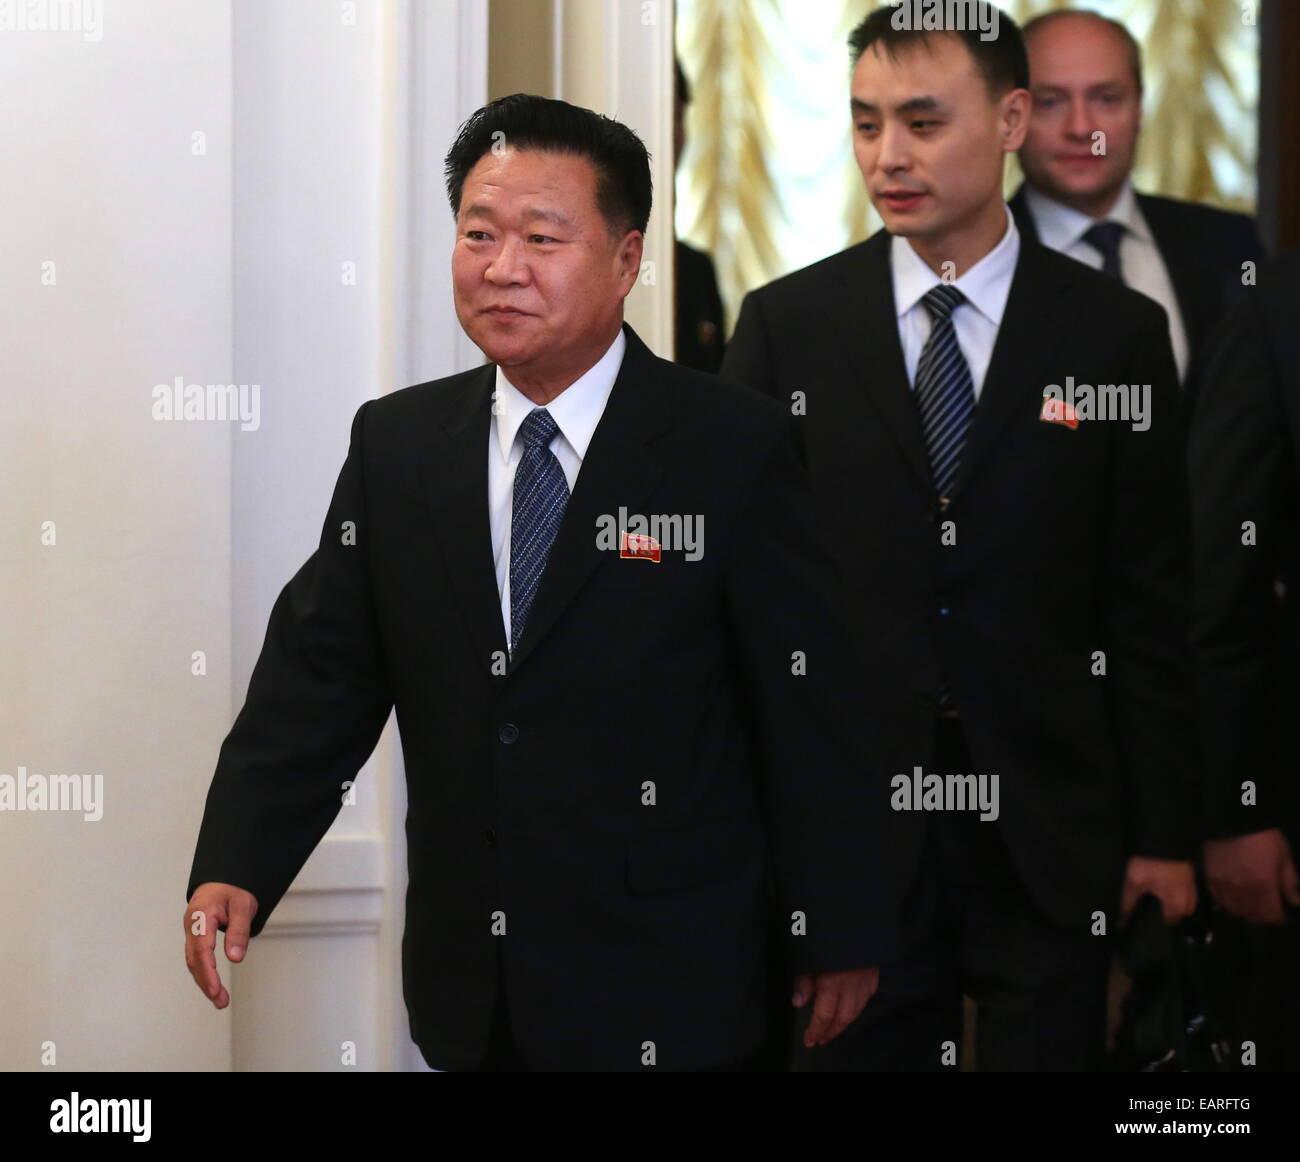 Moscou, Russie. 20 Nov, 2014. Choe Ryong Hae (L), membre du Présidium du Parti des travailleurs de la République Photo Stock